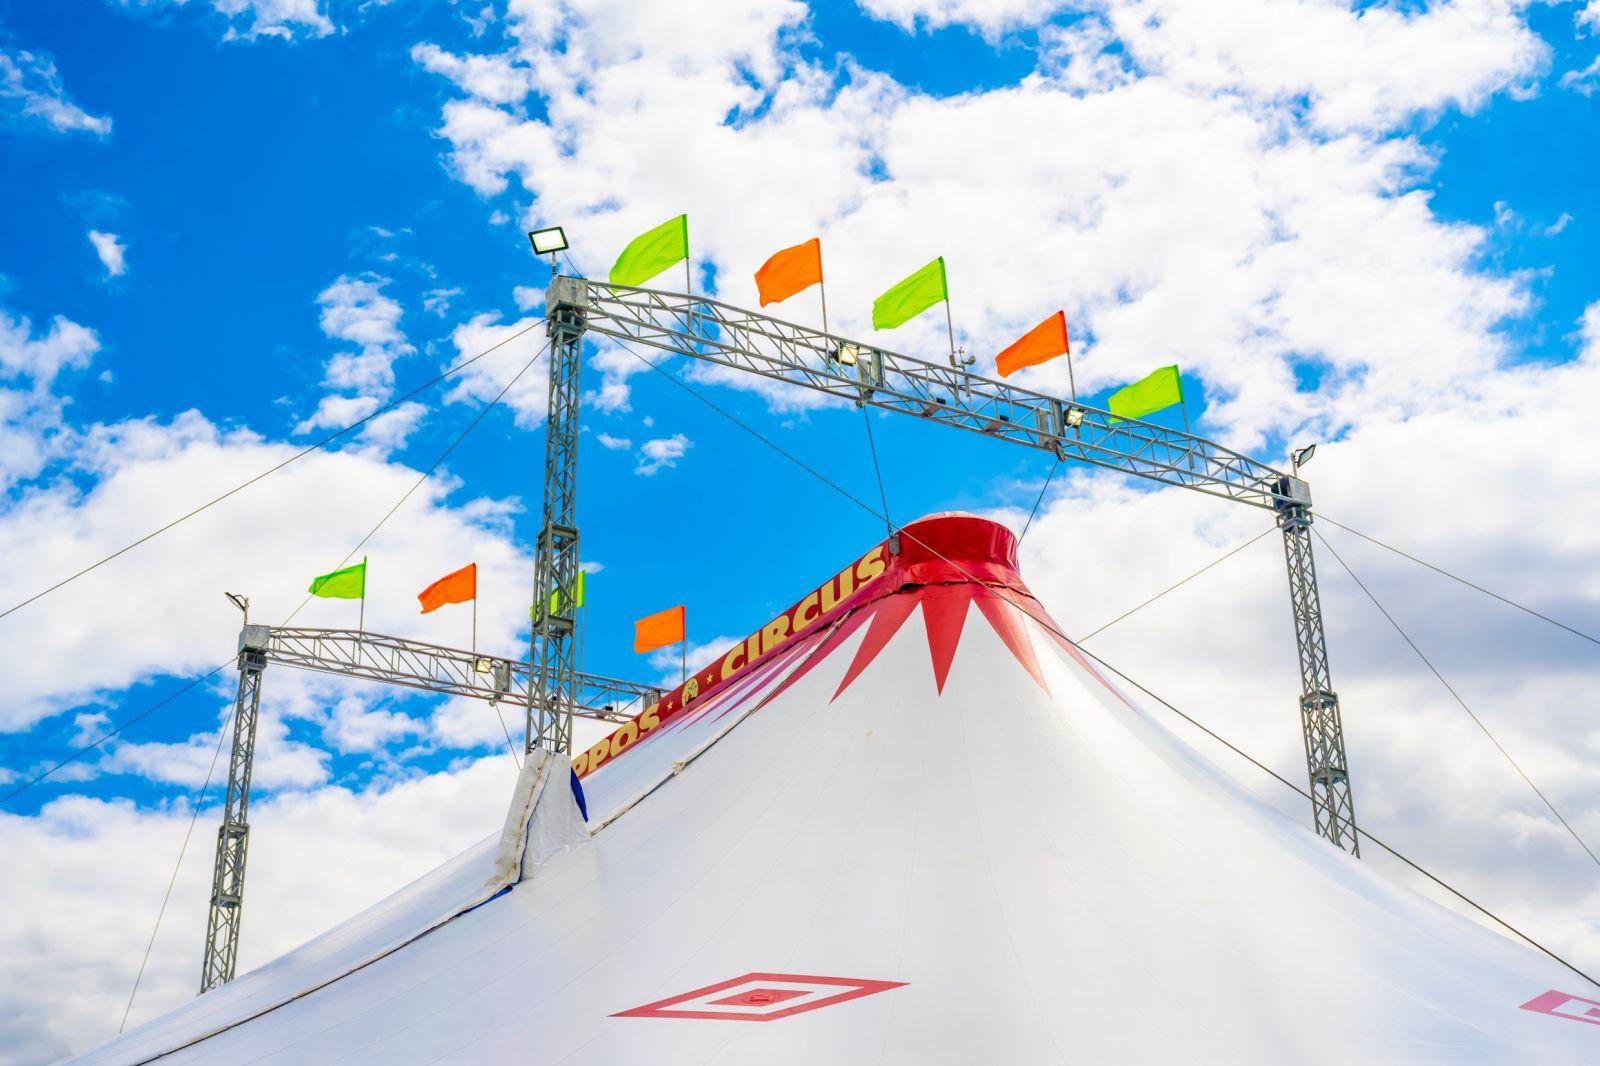 Zippos Circus Big Top (6) Photographer credit: Piet-Hein Out